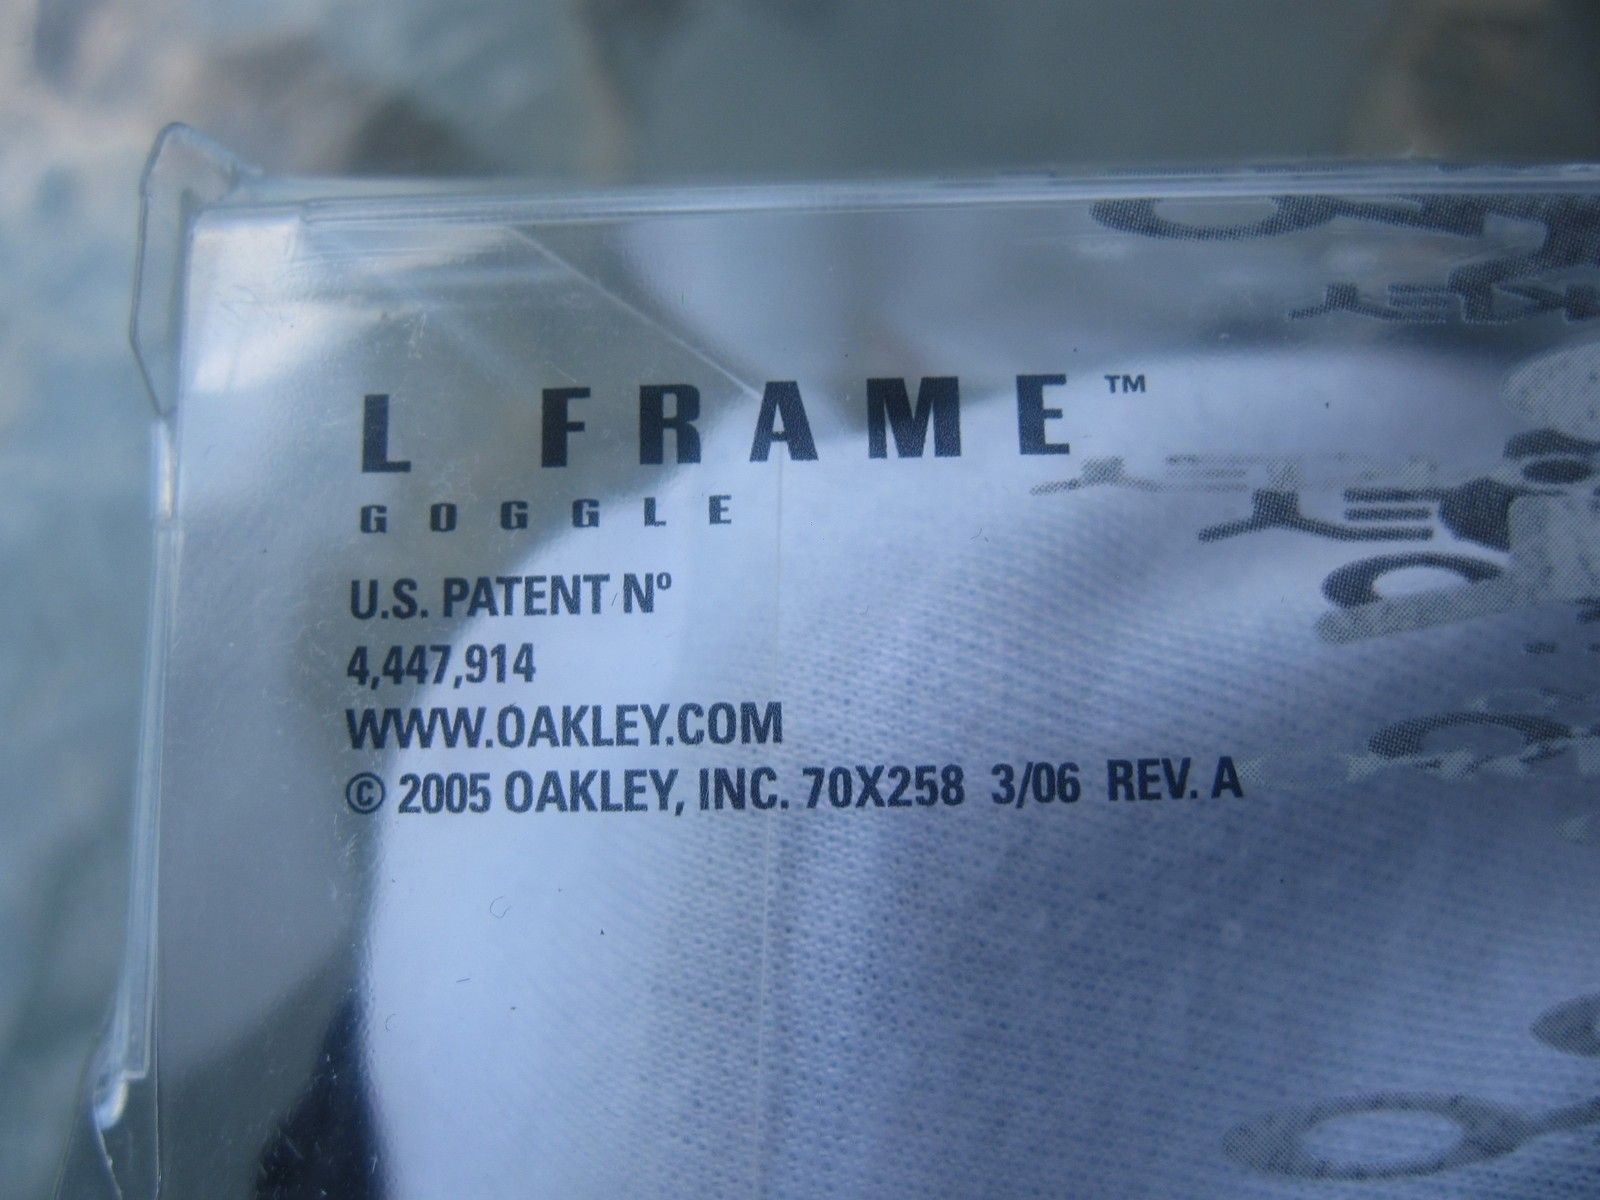 OAKLEY L FRAME MX - Over Glasses goggles Atv/Moto/dirt - Carbon Fiber - IMG_2804.JPG